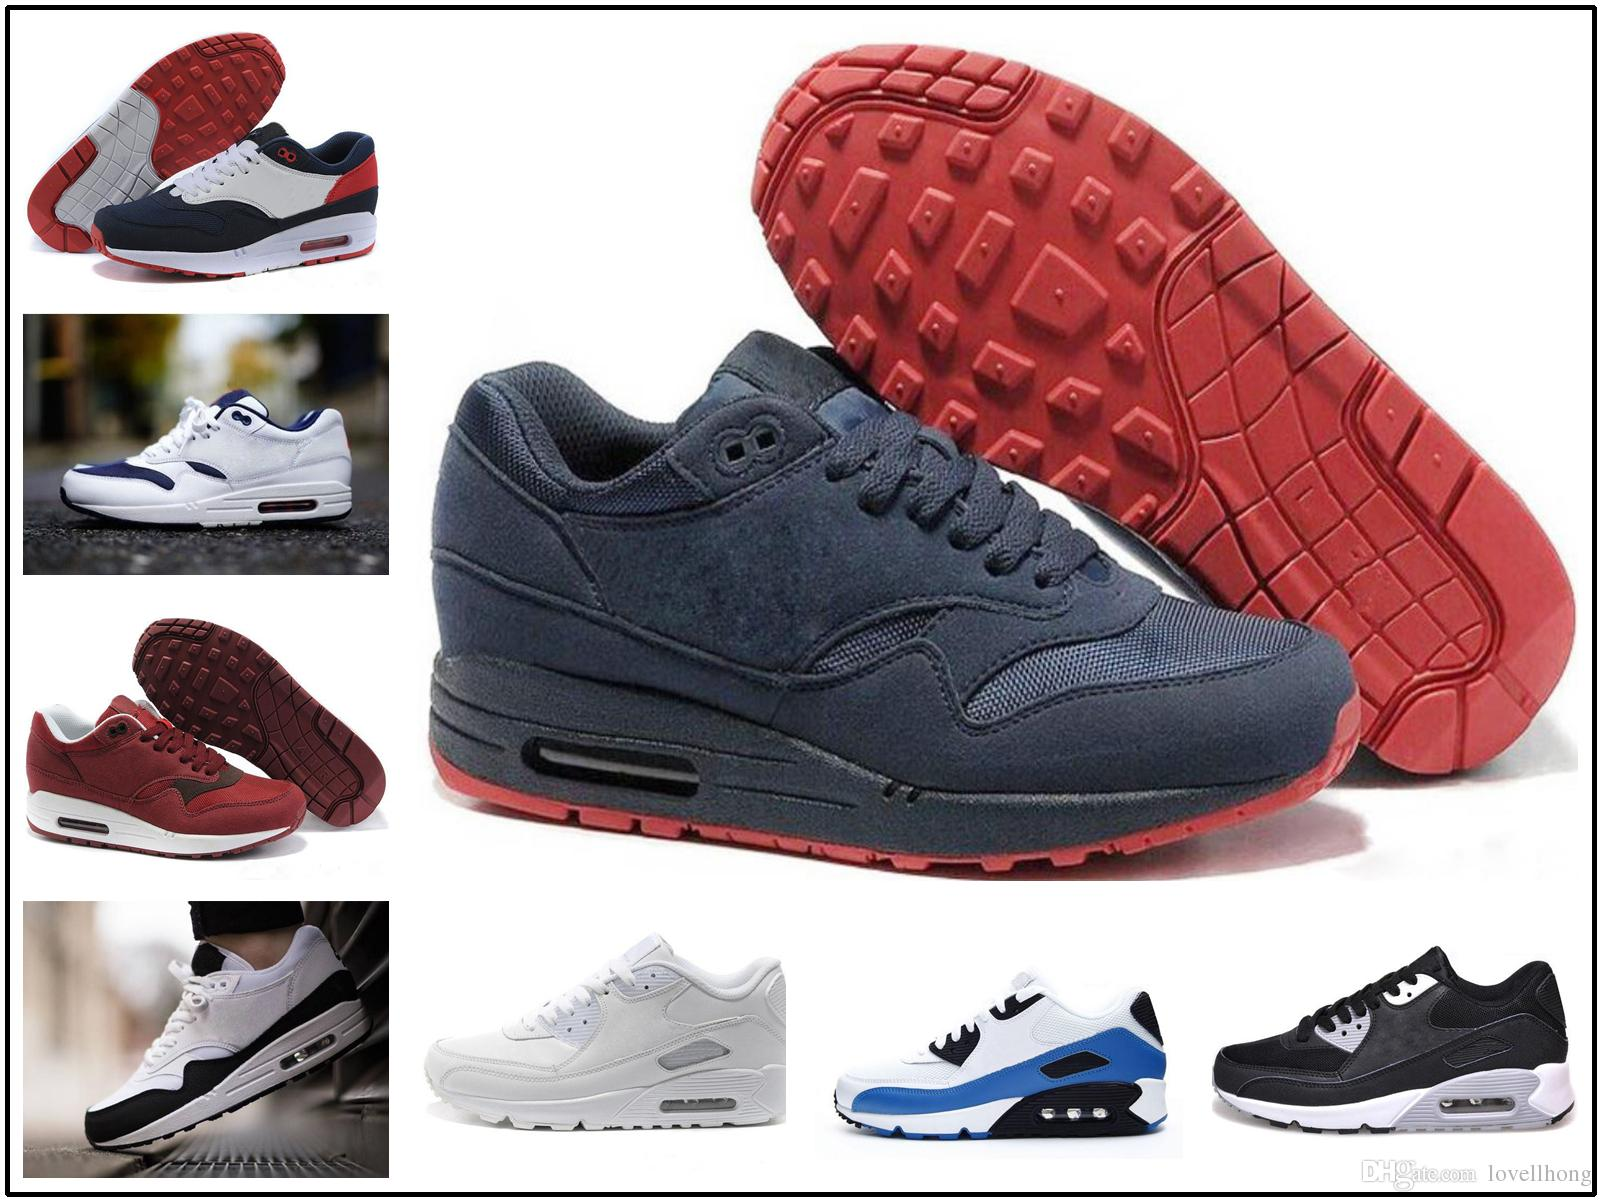 HombresHombre Deportivas Teje Zapatillas Max 1 Calzado Airmax Diseño Moda Zapatos Air Para Nike Casuales Atlético 87 Nuevo Ultra kTPuwOXZli